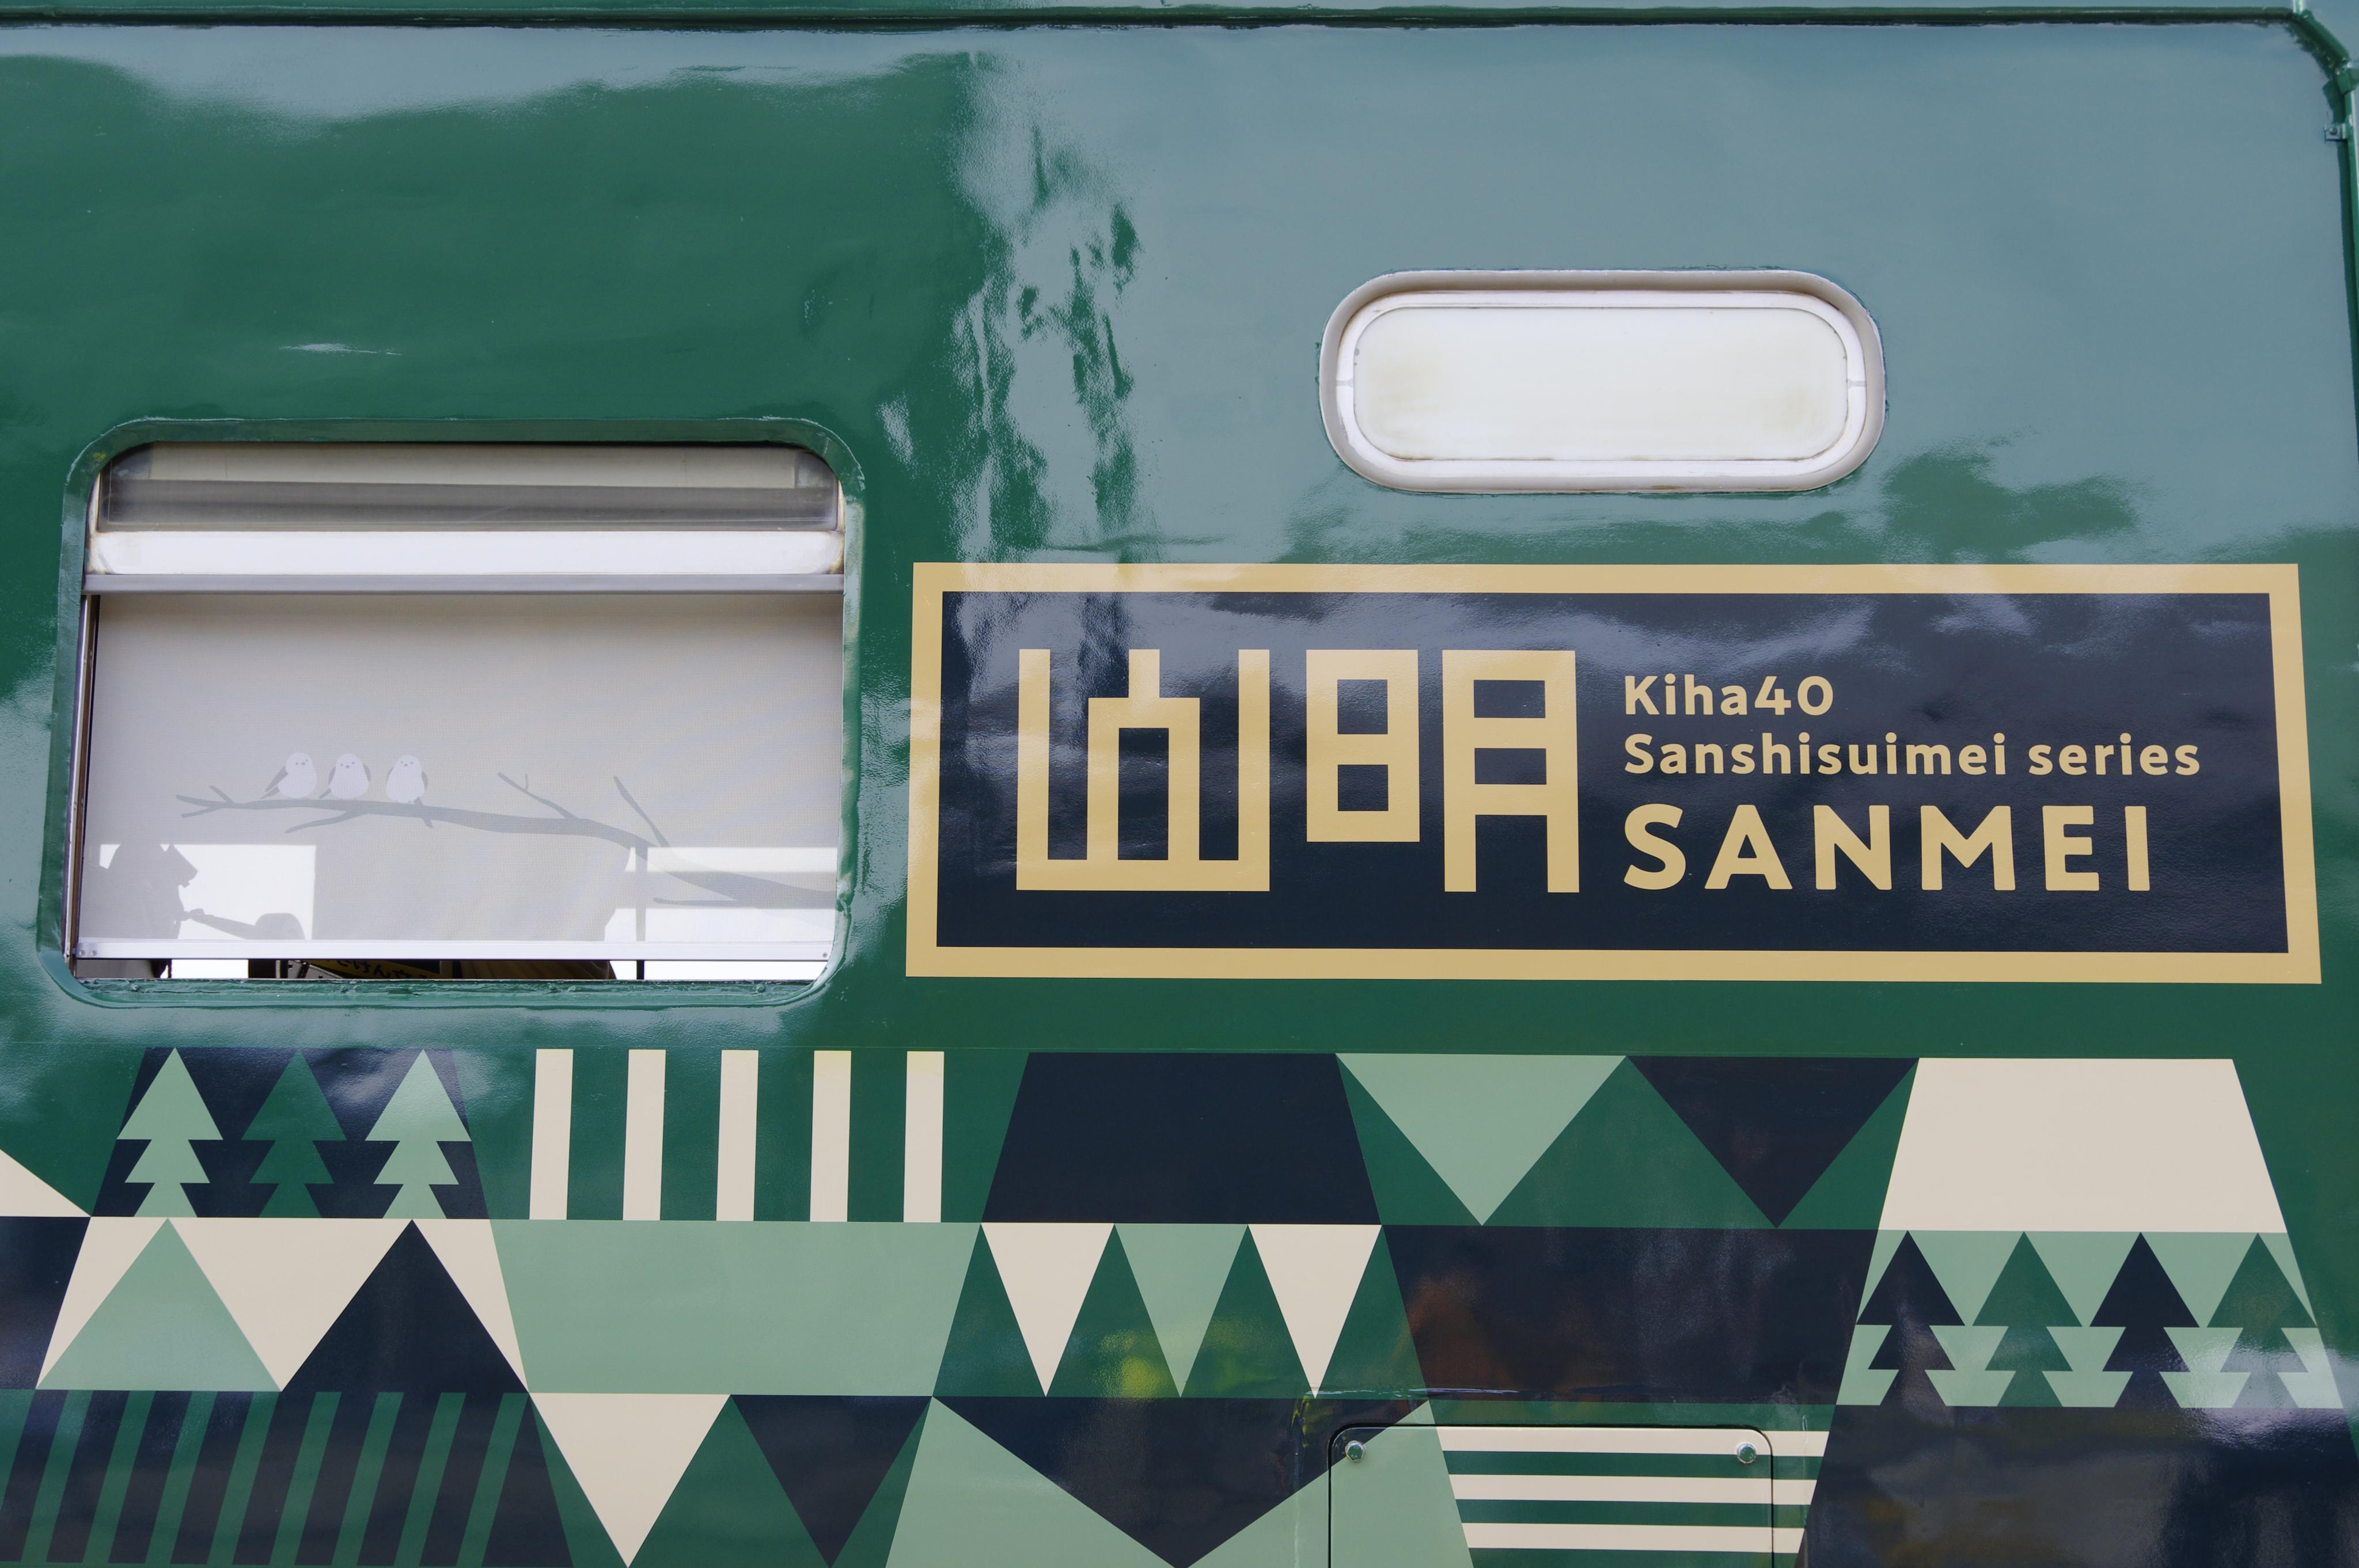 キハ40 山明号 車輛横ロゴ 190908.jpg